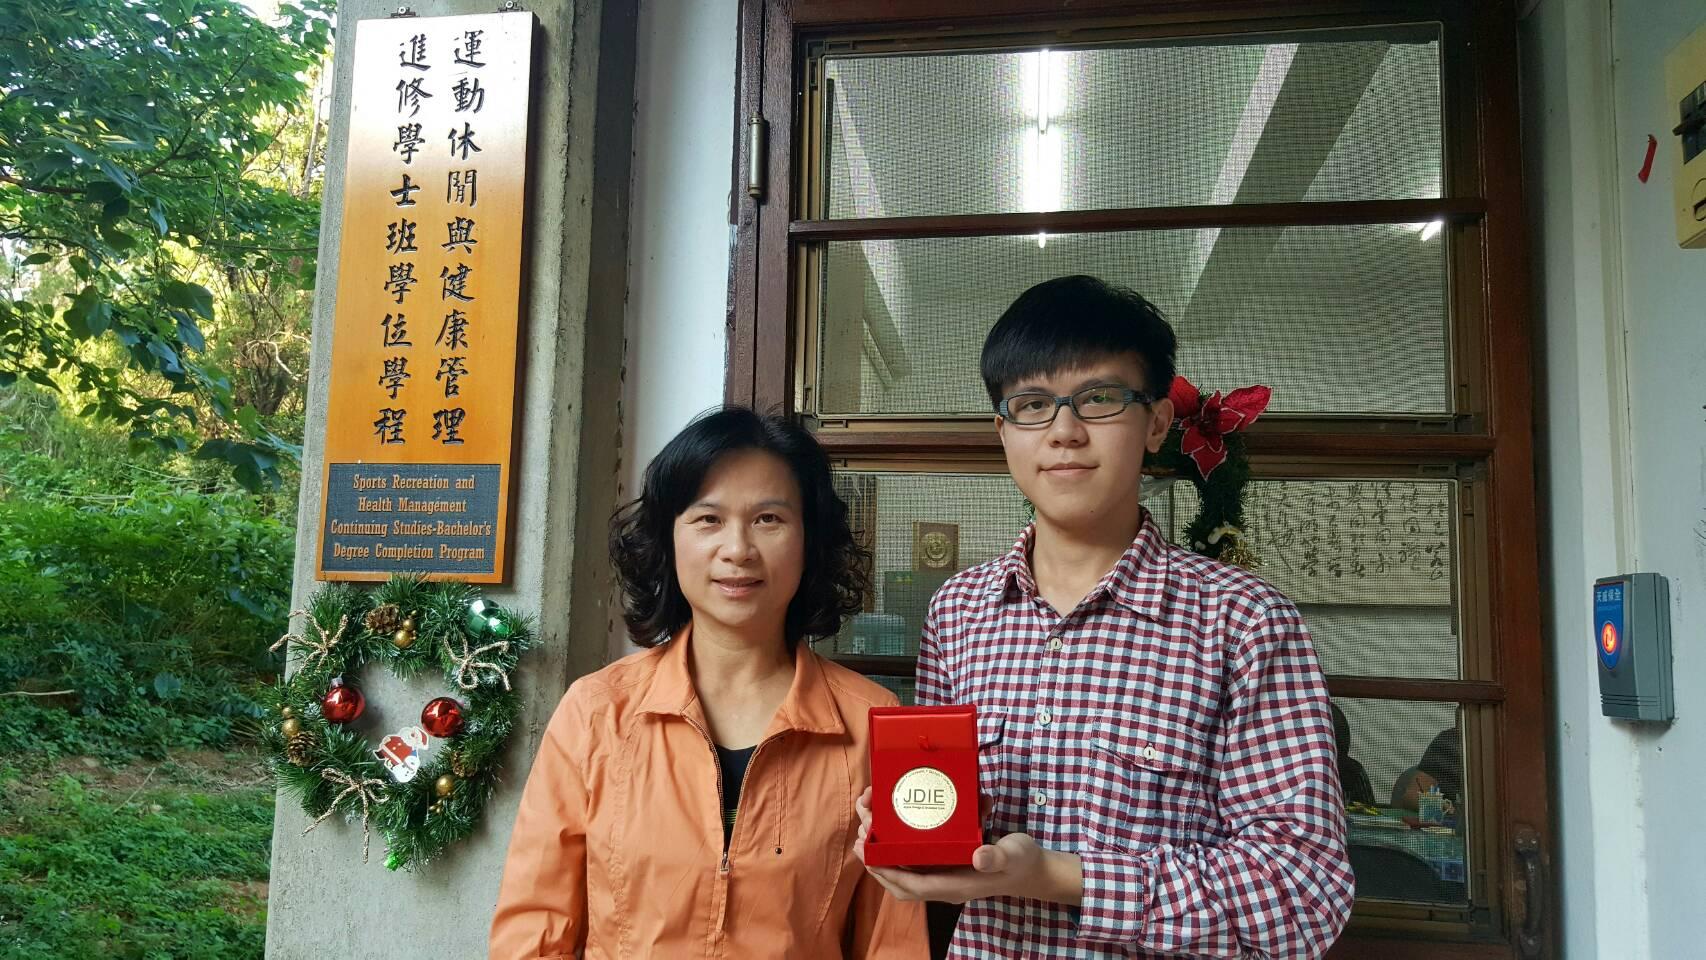 Ching-Wei Huang and SRHM Program Director Shu-Chen Huang